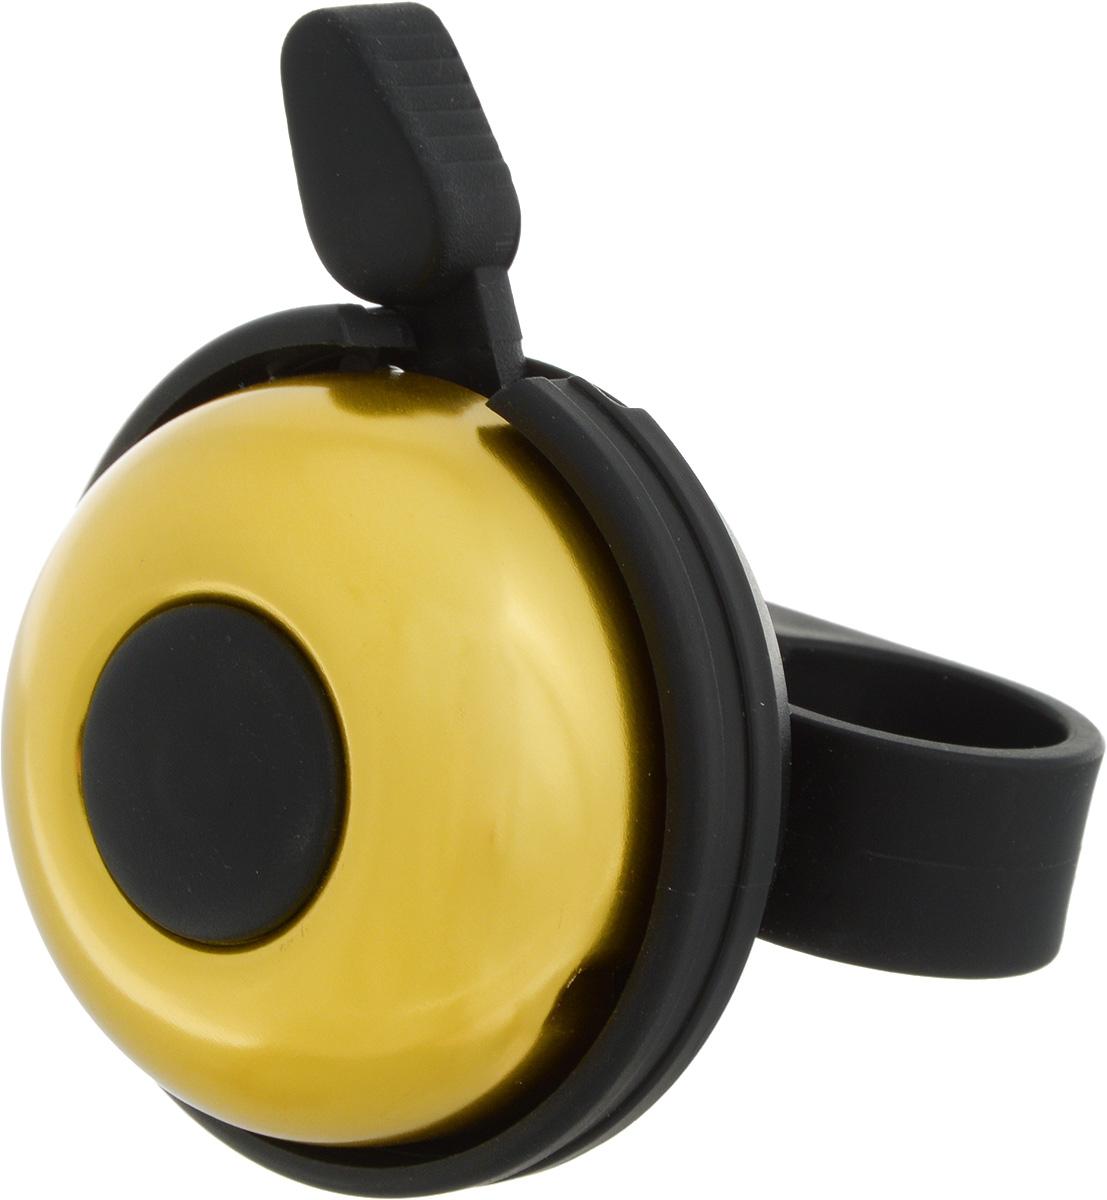 Звонок велосипедный Stern, цвет: золотистыйCR-1Y.Звонок Stern изготовлен из металла и пластика. Изделие крепится на руль велосипеда и позволяет привлечь внимание в опасных ситуациях. Оригинальный звонок сделает вашу езду безопасной. Диаметр звонка: 5 см.